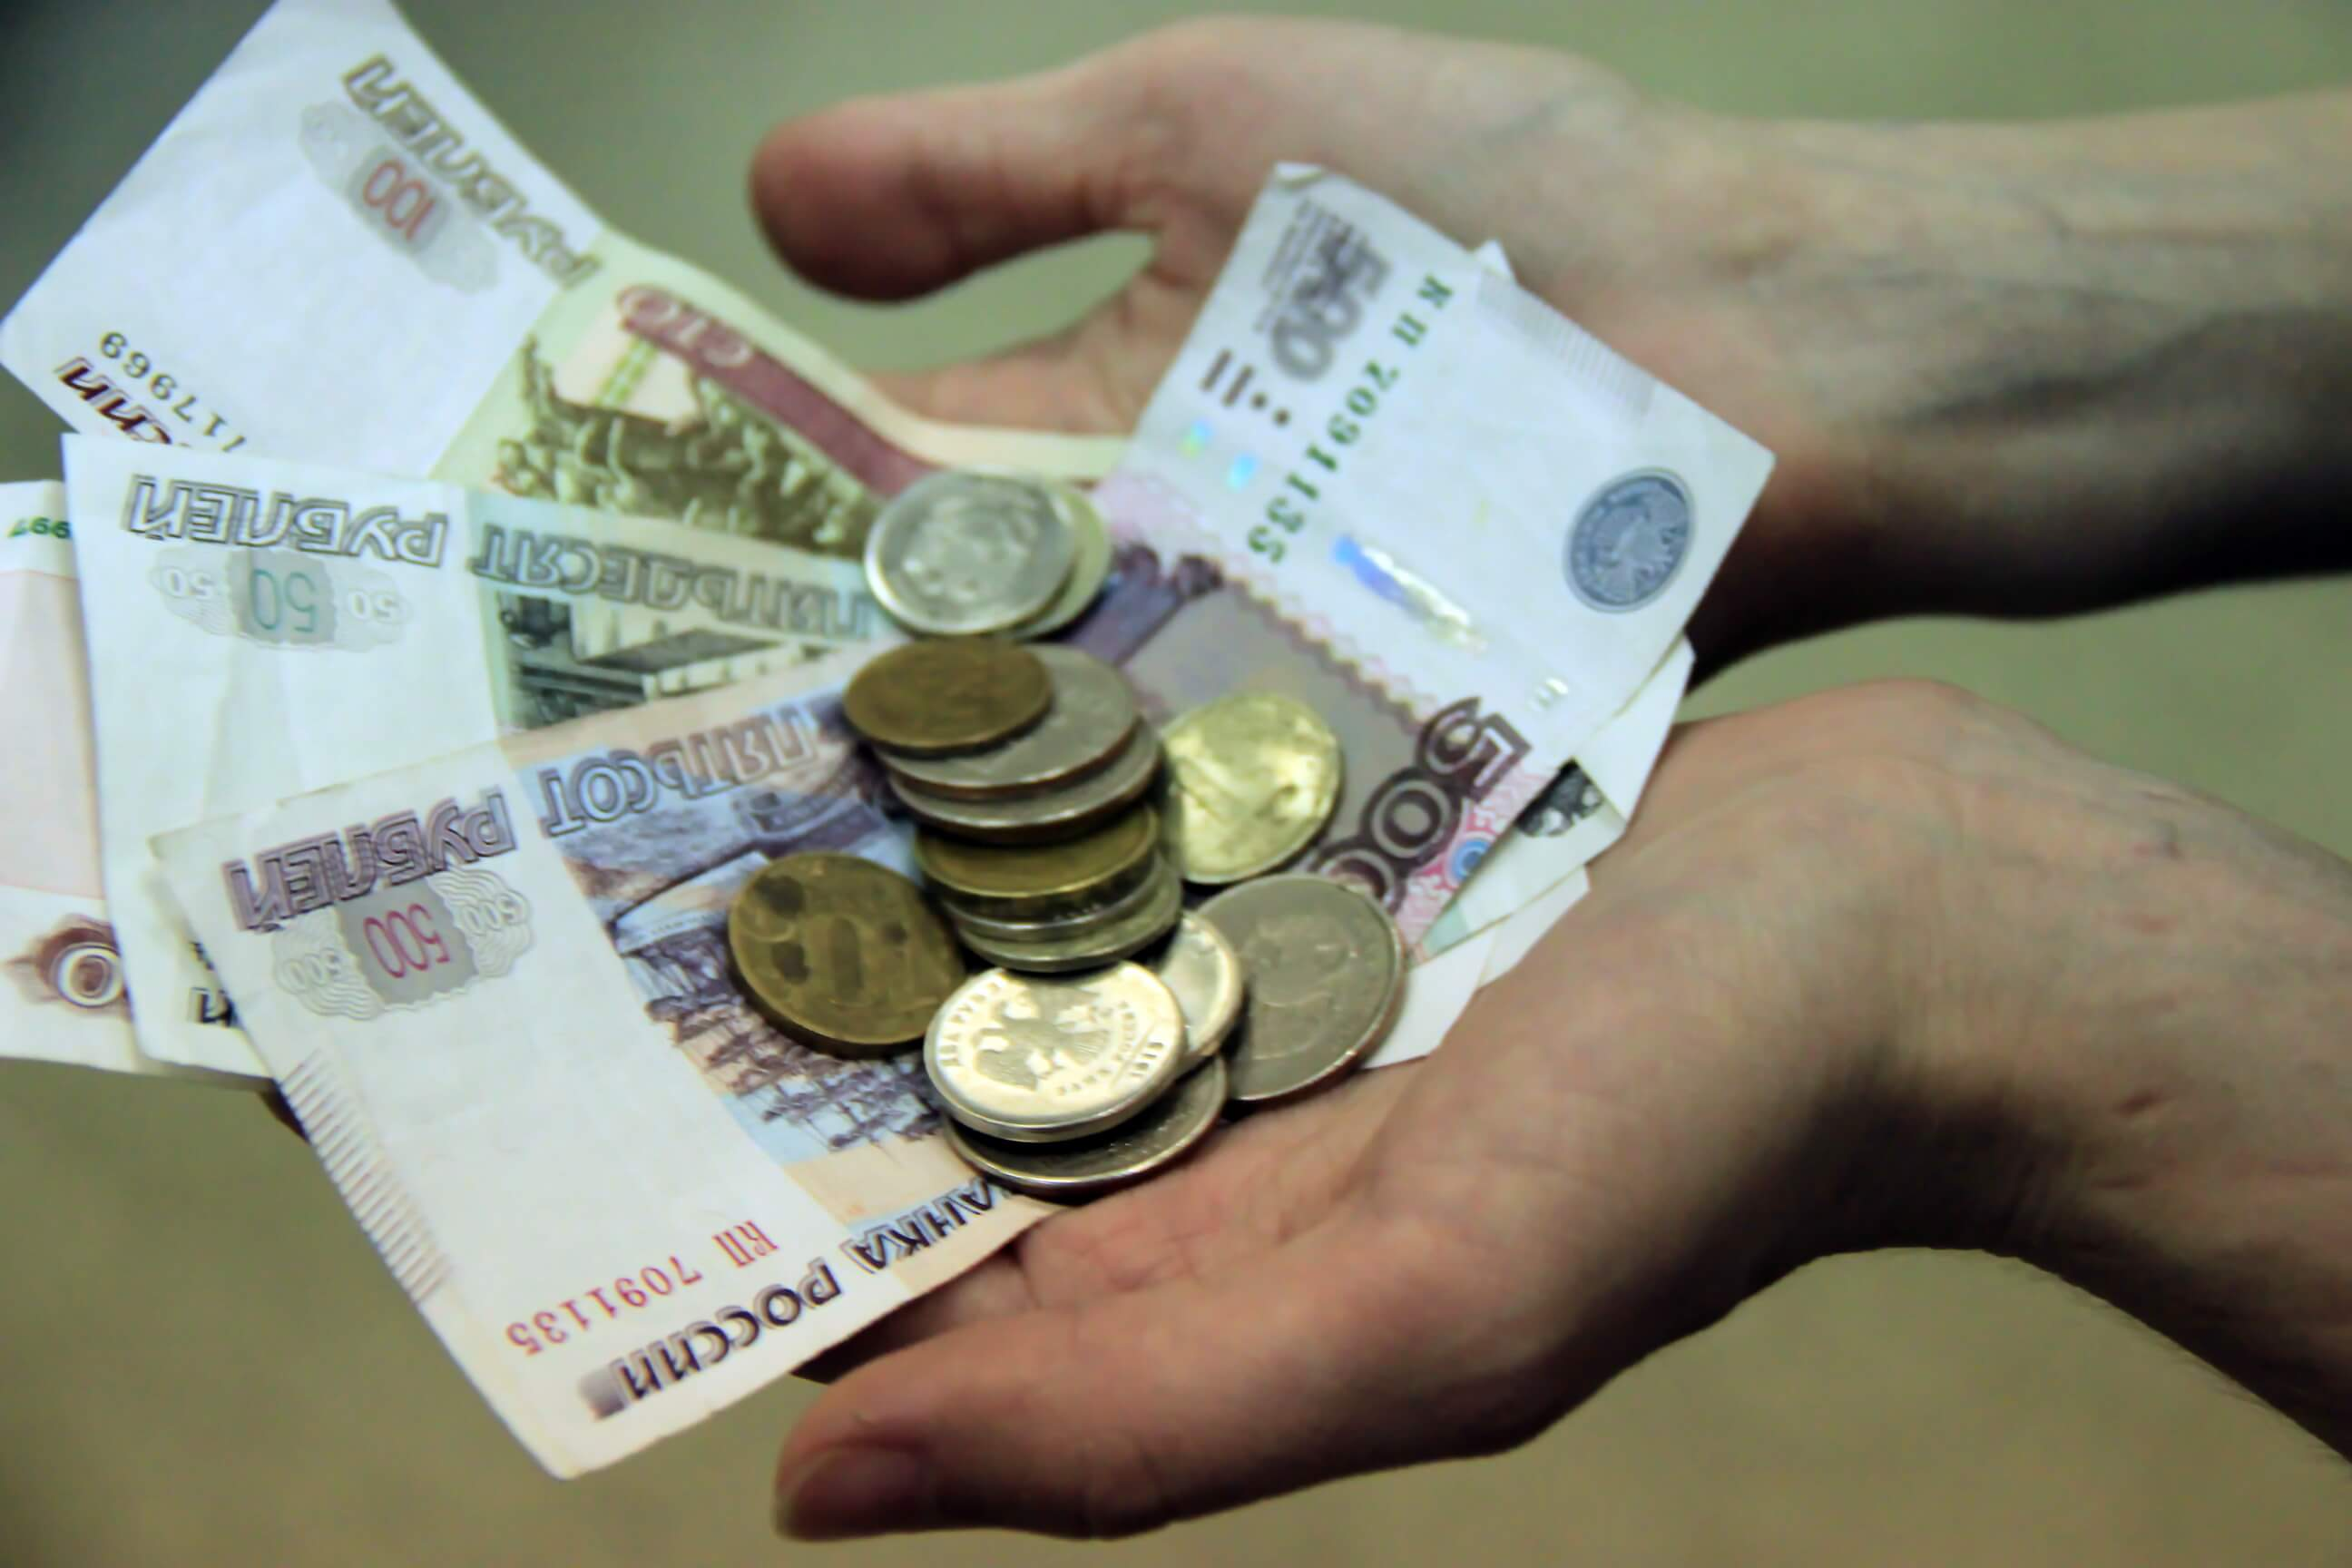 Срок выплаты пособия по безработице: порядок получения пособия и размер